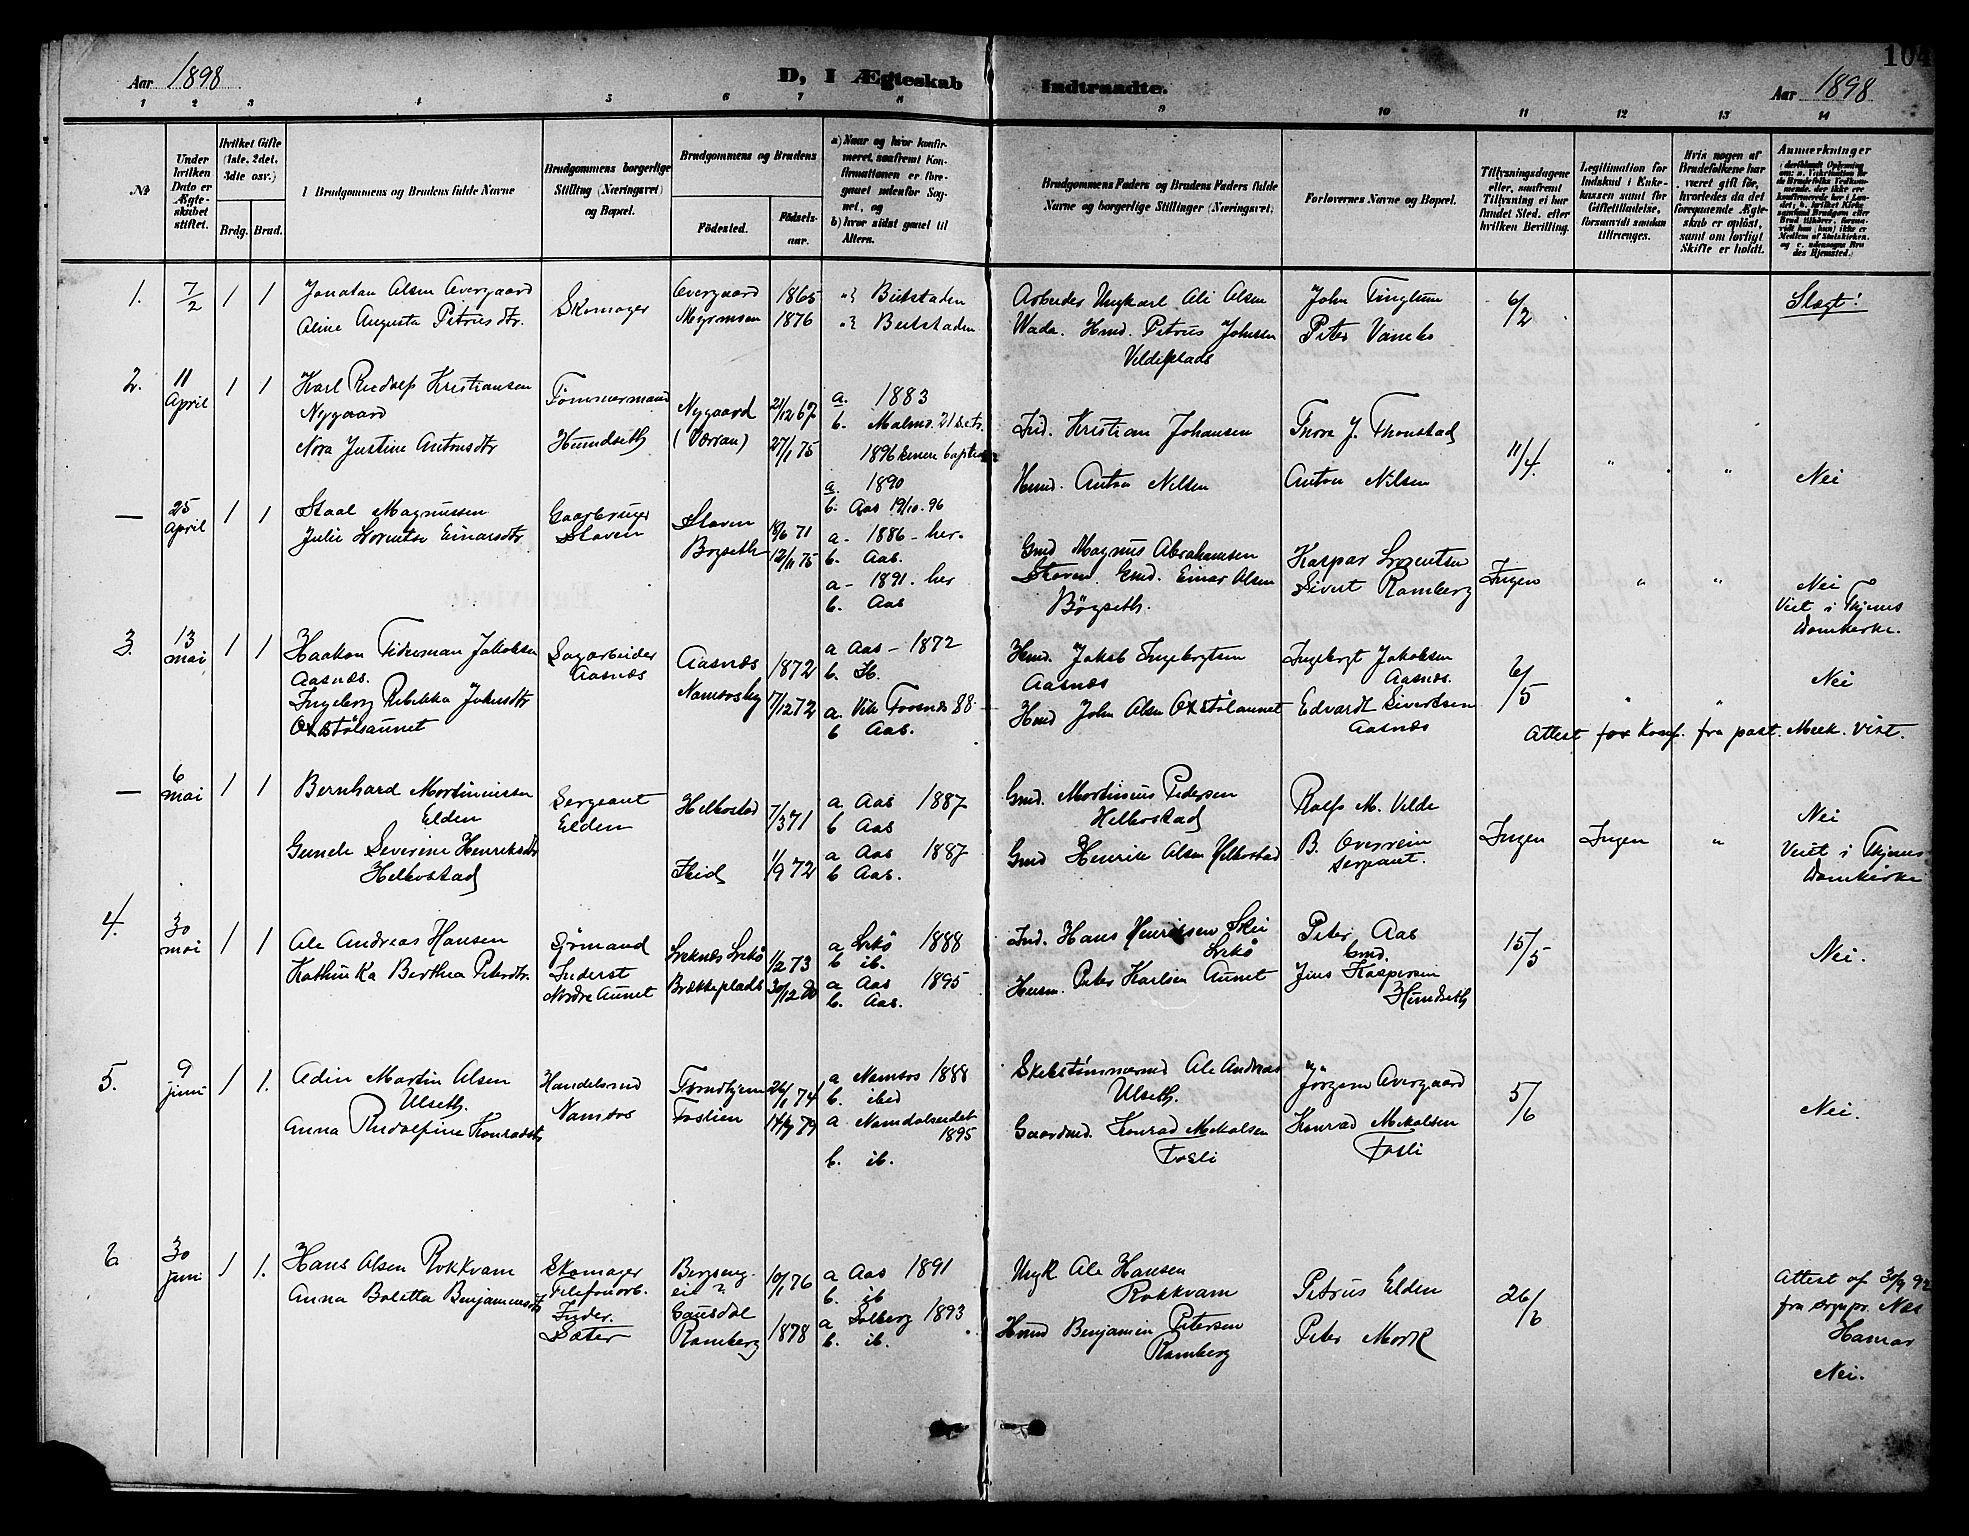 SAT, Ministerialprotokoller, klokkerbøker og fødselsregistre - Nord-Trøndelag, 742/L0412: Klokkerbok nr. 742C03, 1898-1910, s. 104